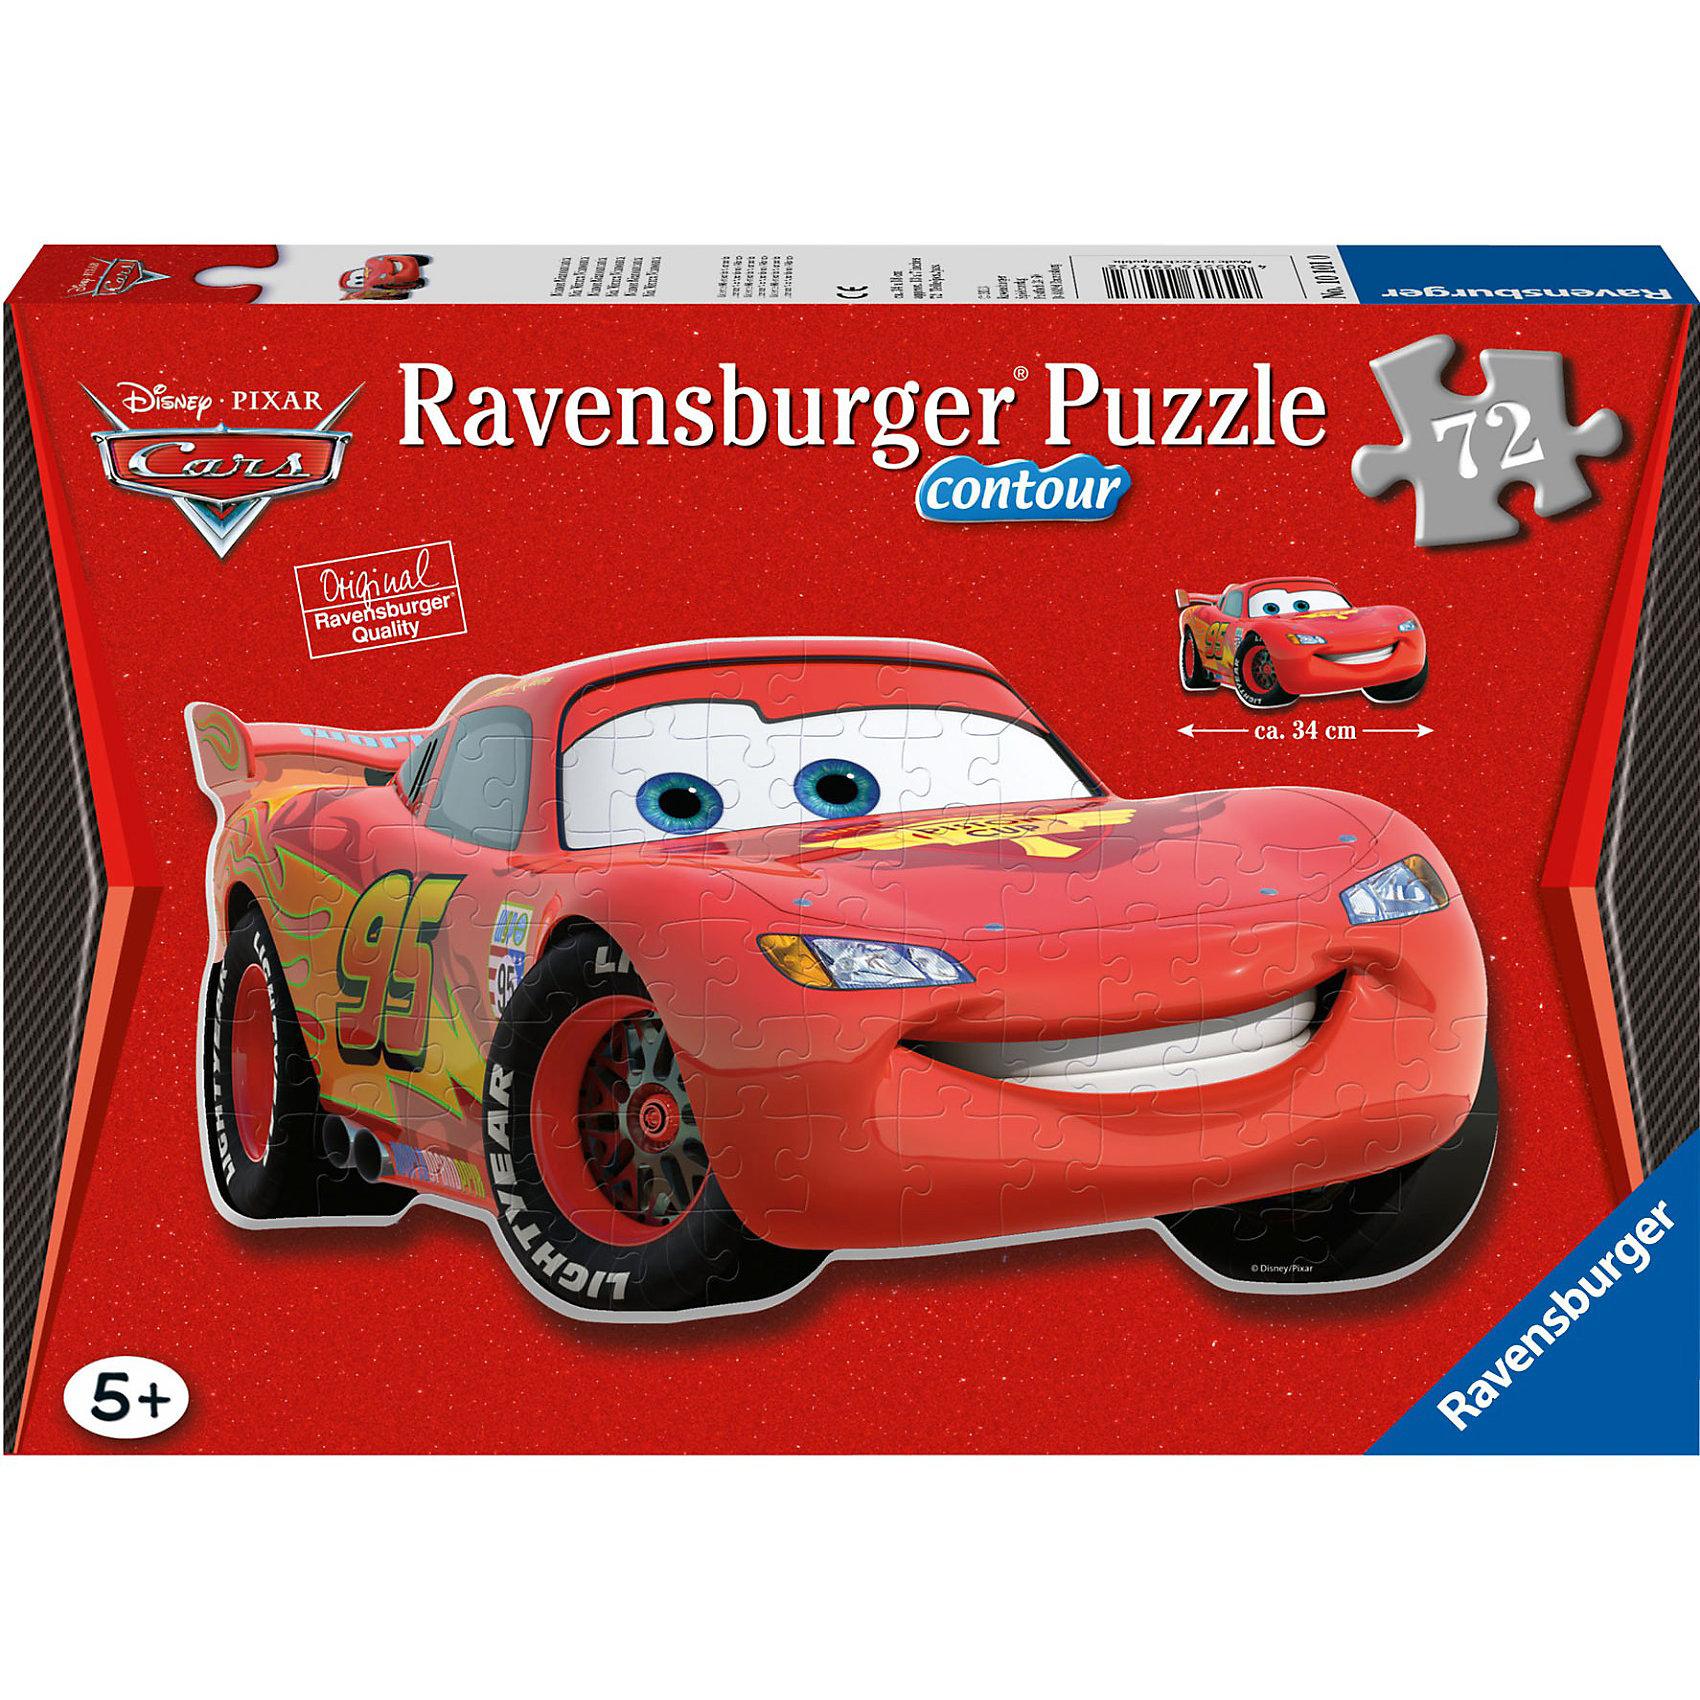 Ravensburger Контурный пазл Тачки Ravensburger, 72 детали 3d пазл ravensburger неоновые тачки 108 элементов 122509